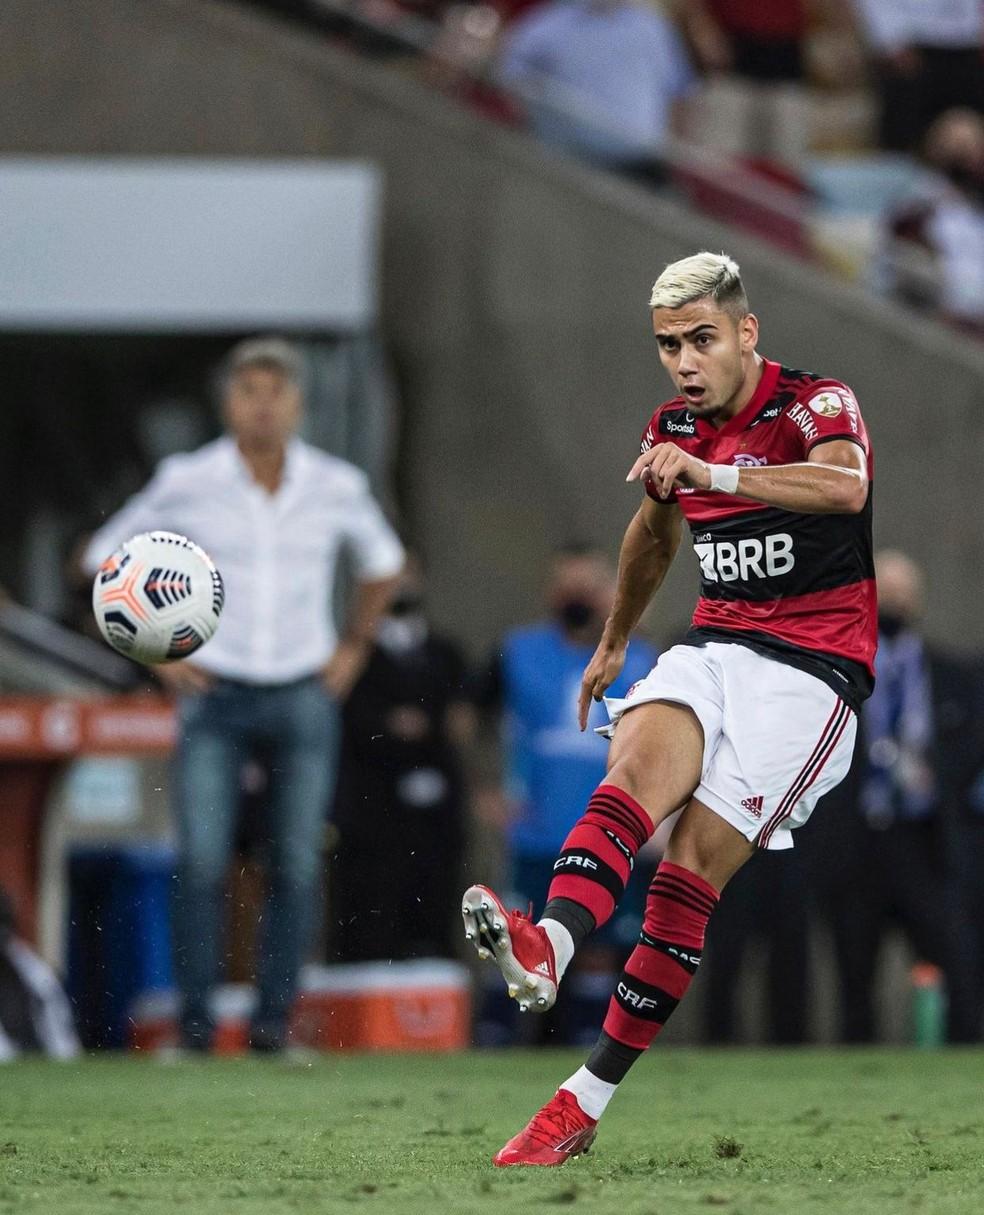 Andreas Pereira faz lançamento longo observado por Renato em jogo do Flamengo — Foto: André Mourão / Foto FC